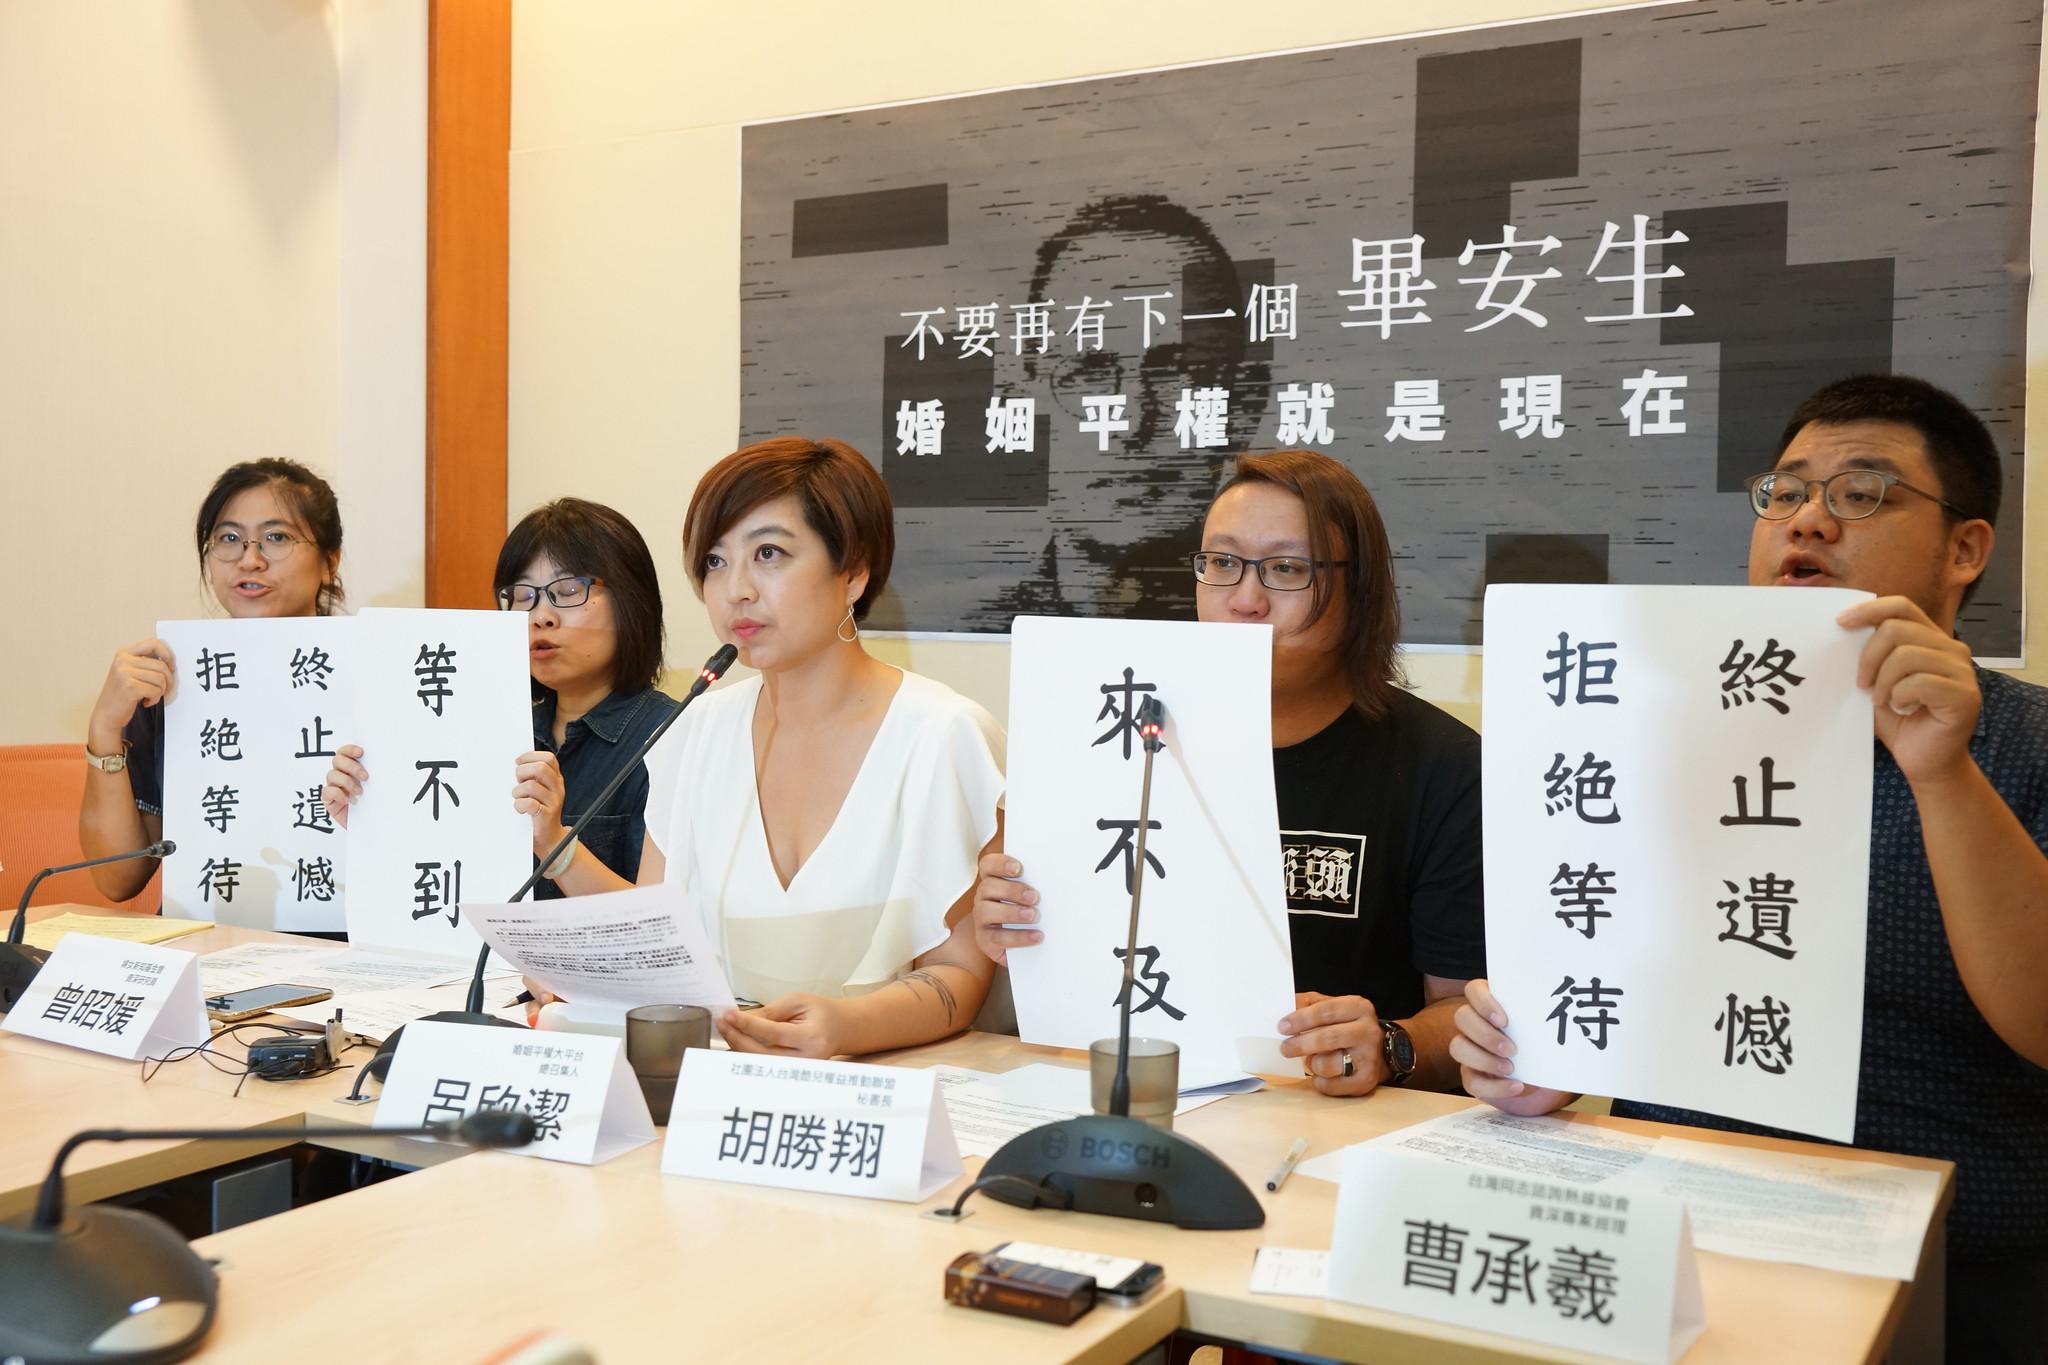 同志團體呼籲立院在本會期通過同婚修法。(攝影:王顥中)